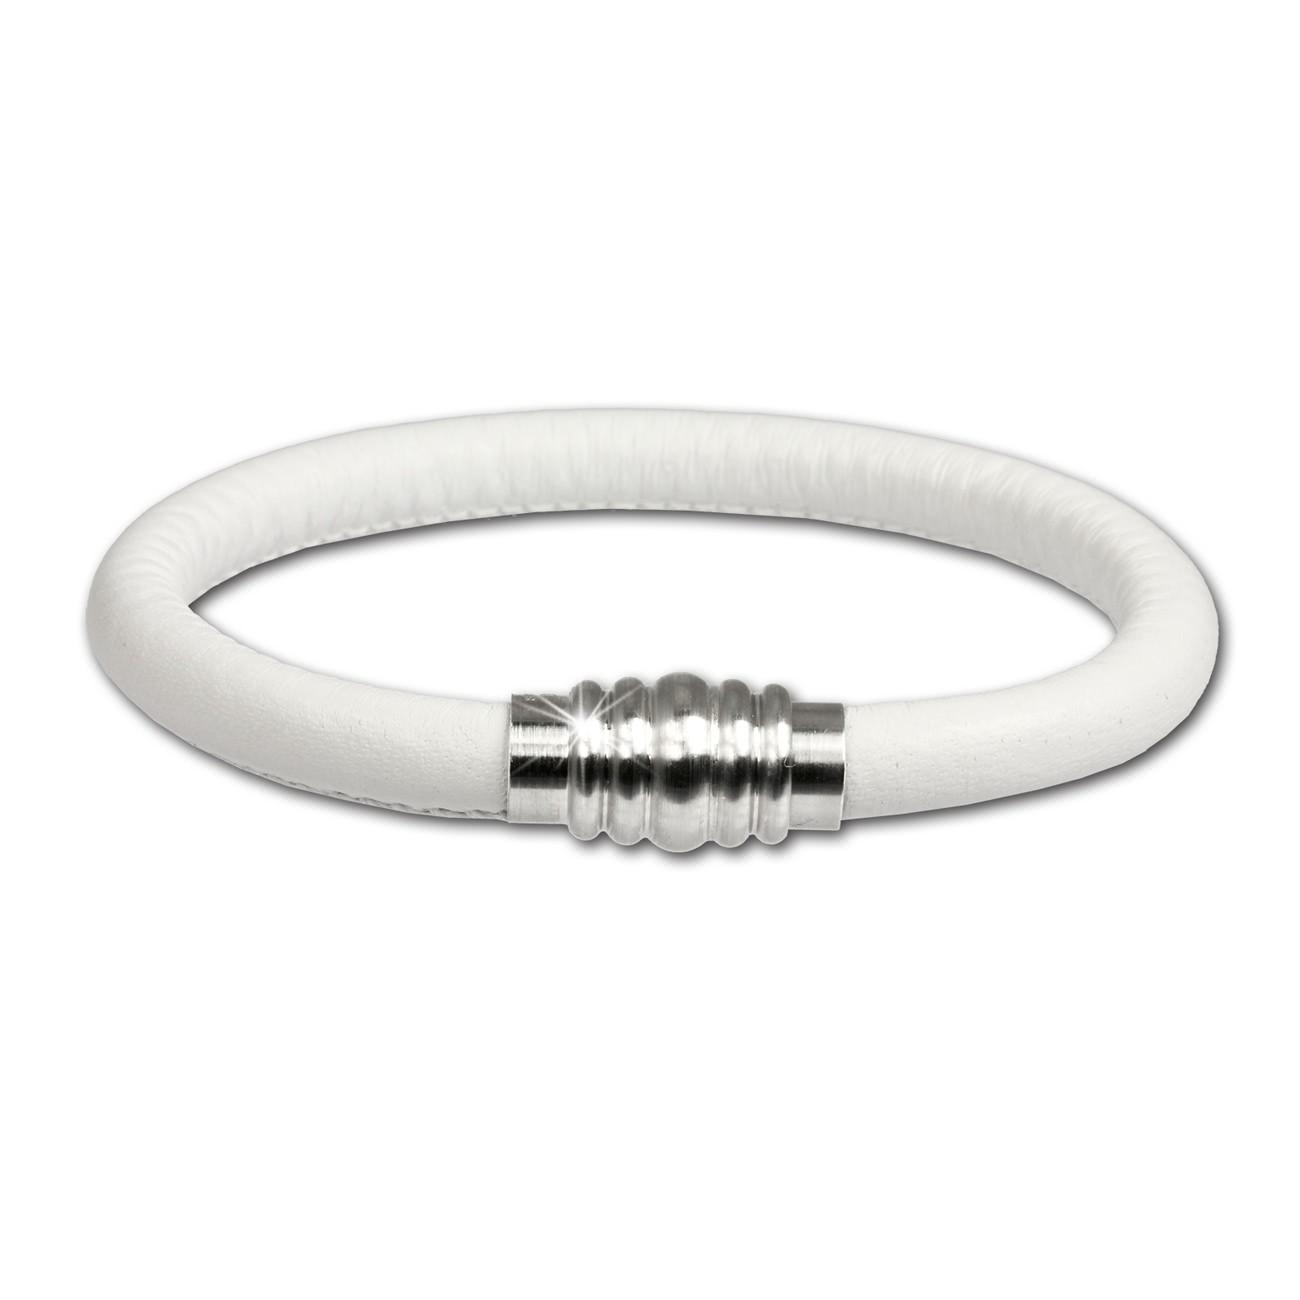 SilberDream Nappa Leder Armband weiß mit Edelstahlverschluss LS1621